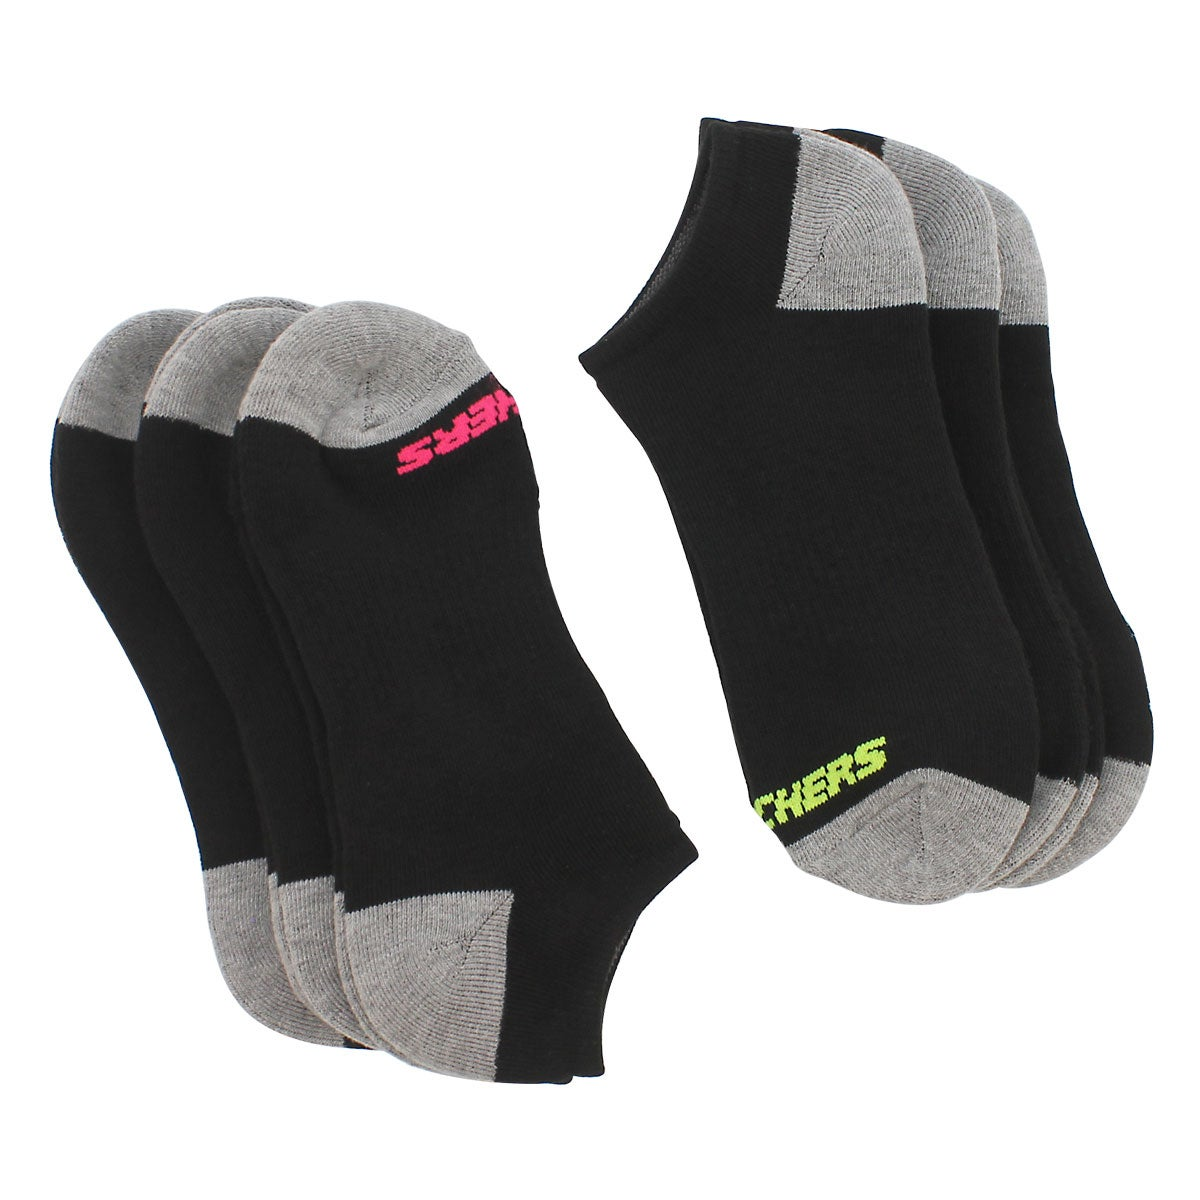 Women's NO SHOW FULL TERRY blk multi socks - 6 pk